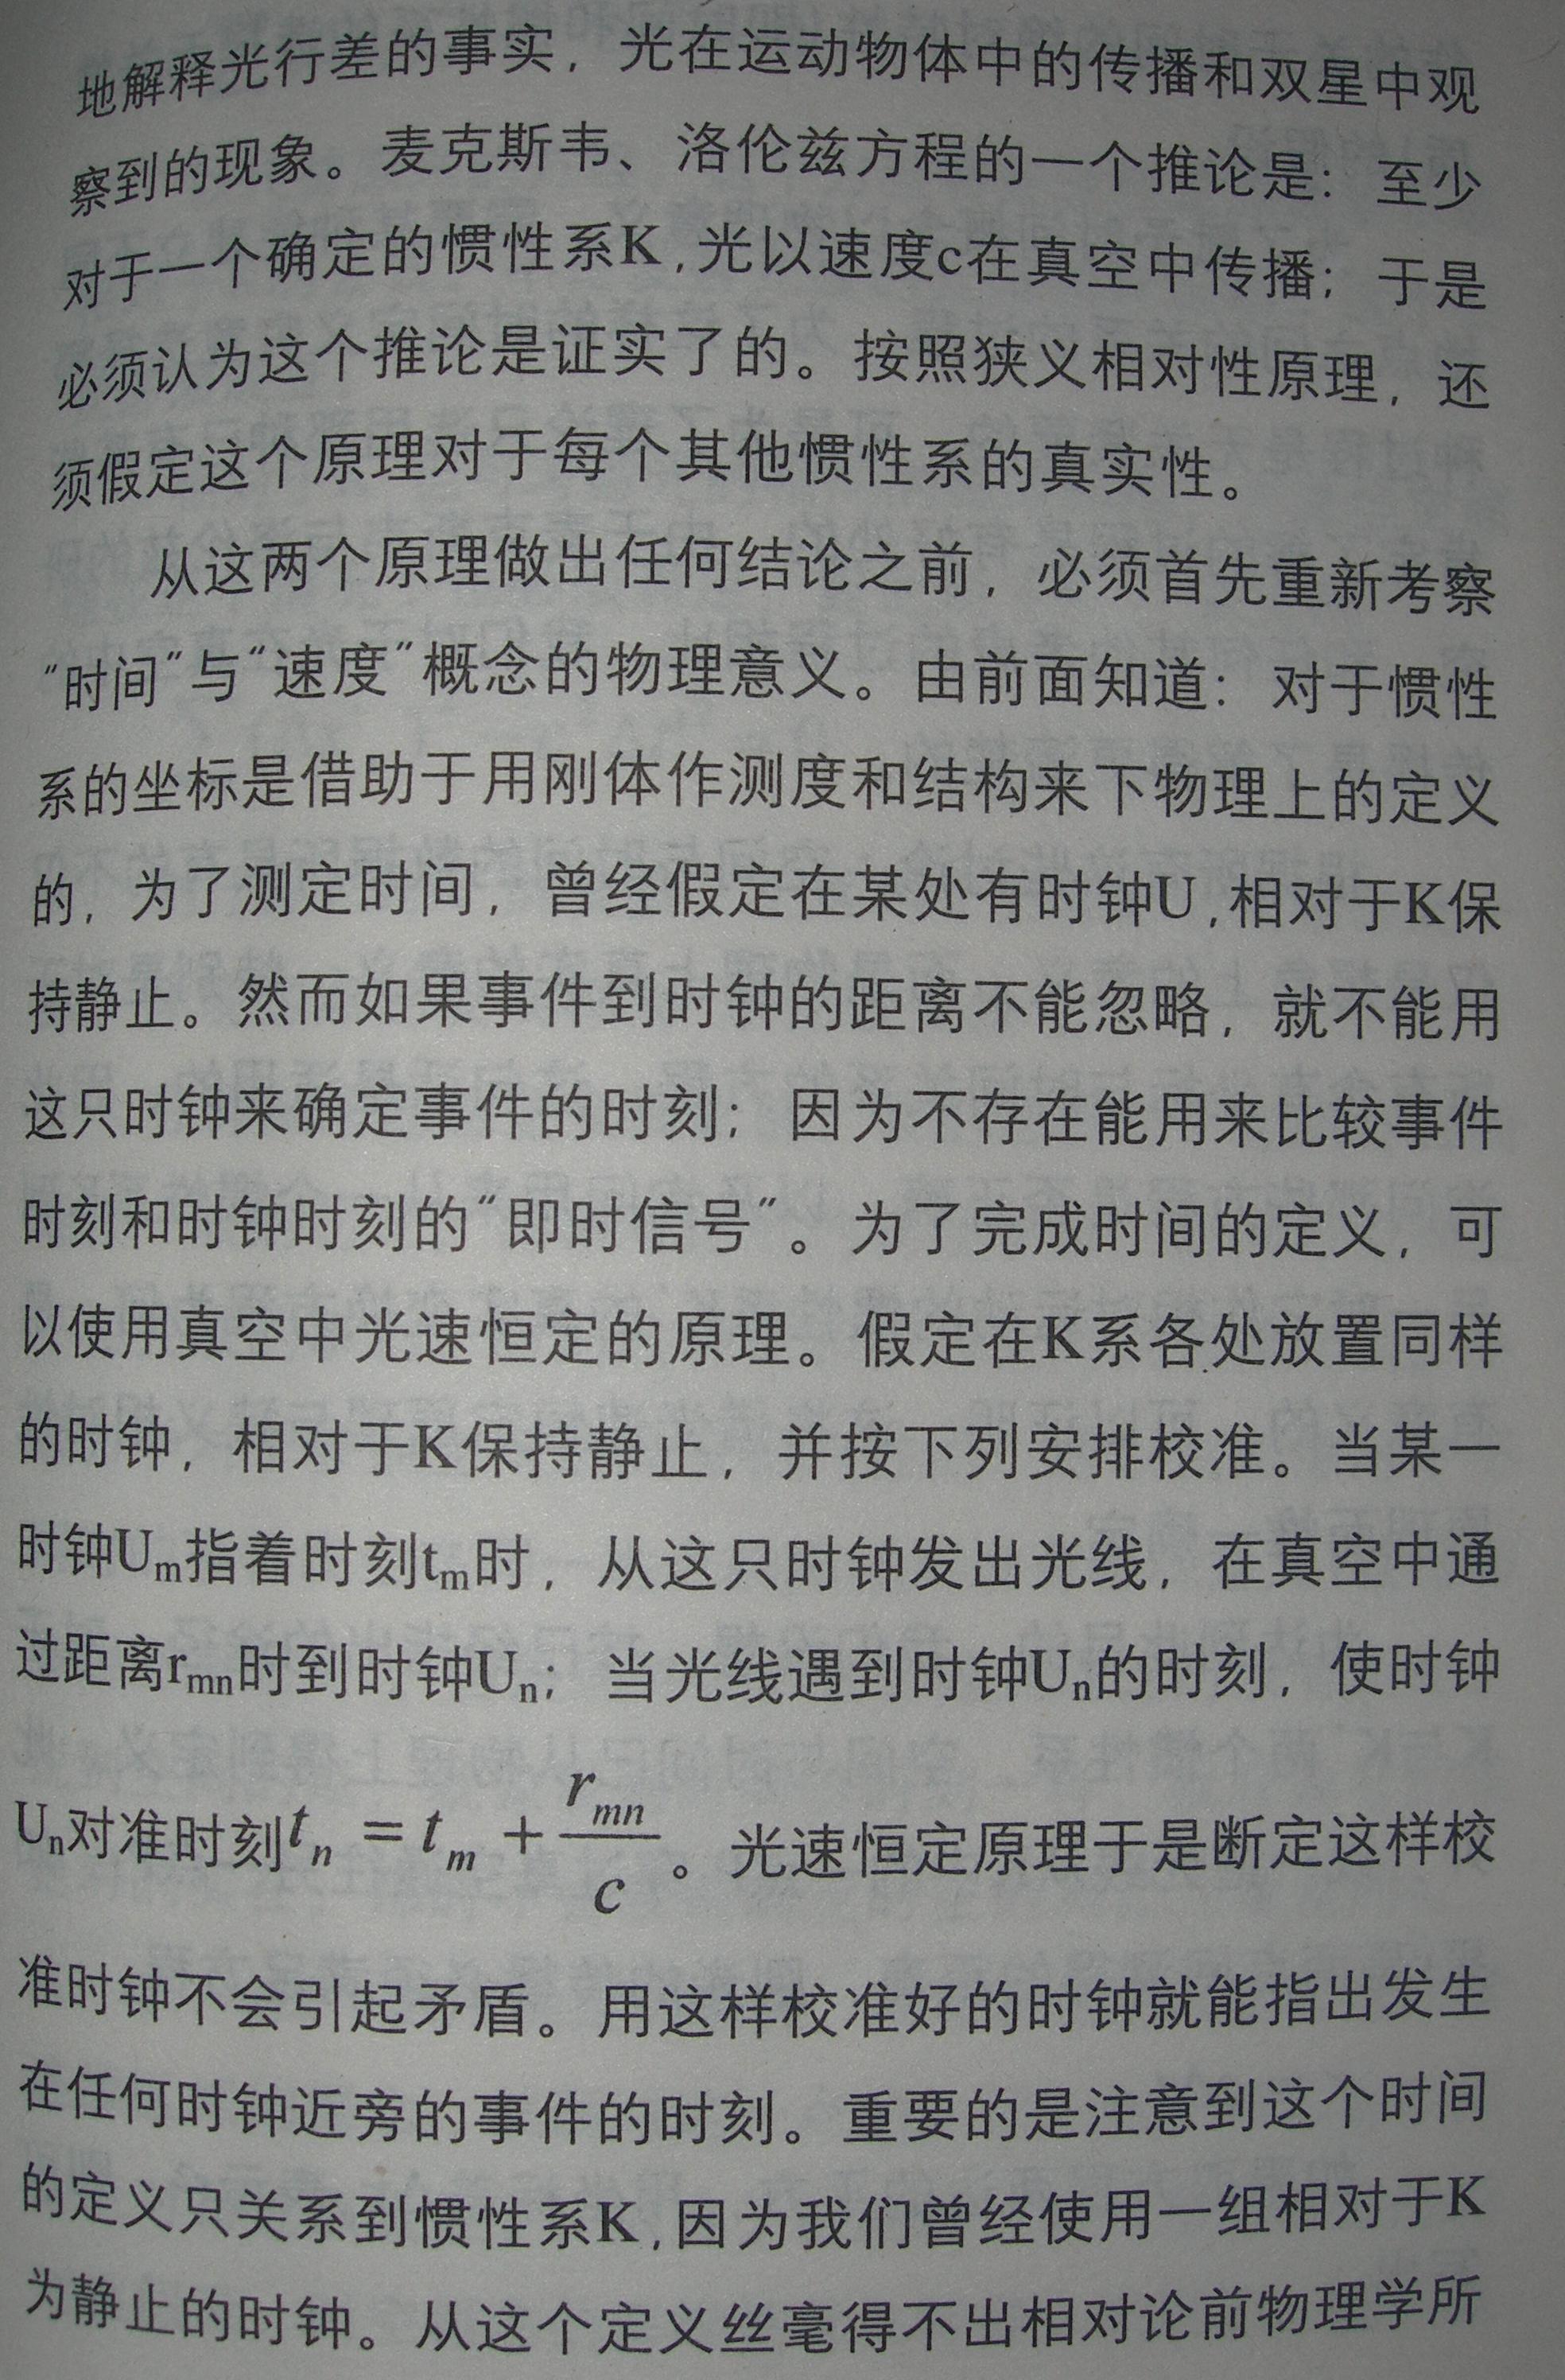 狭义相对论论文4.JPG